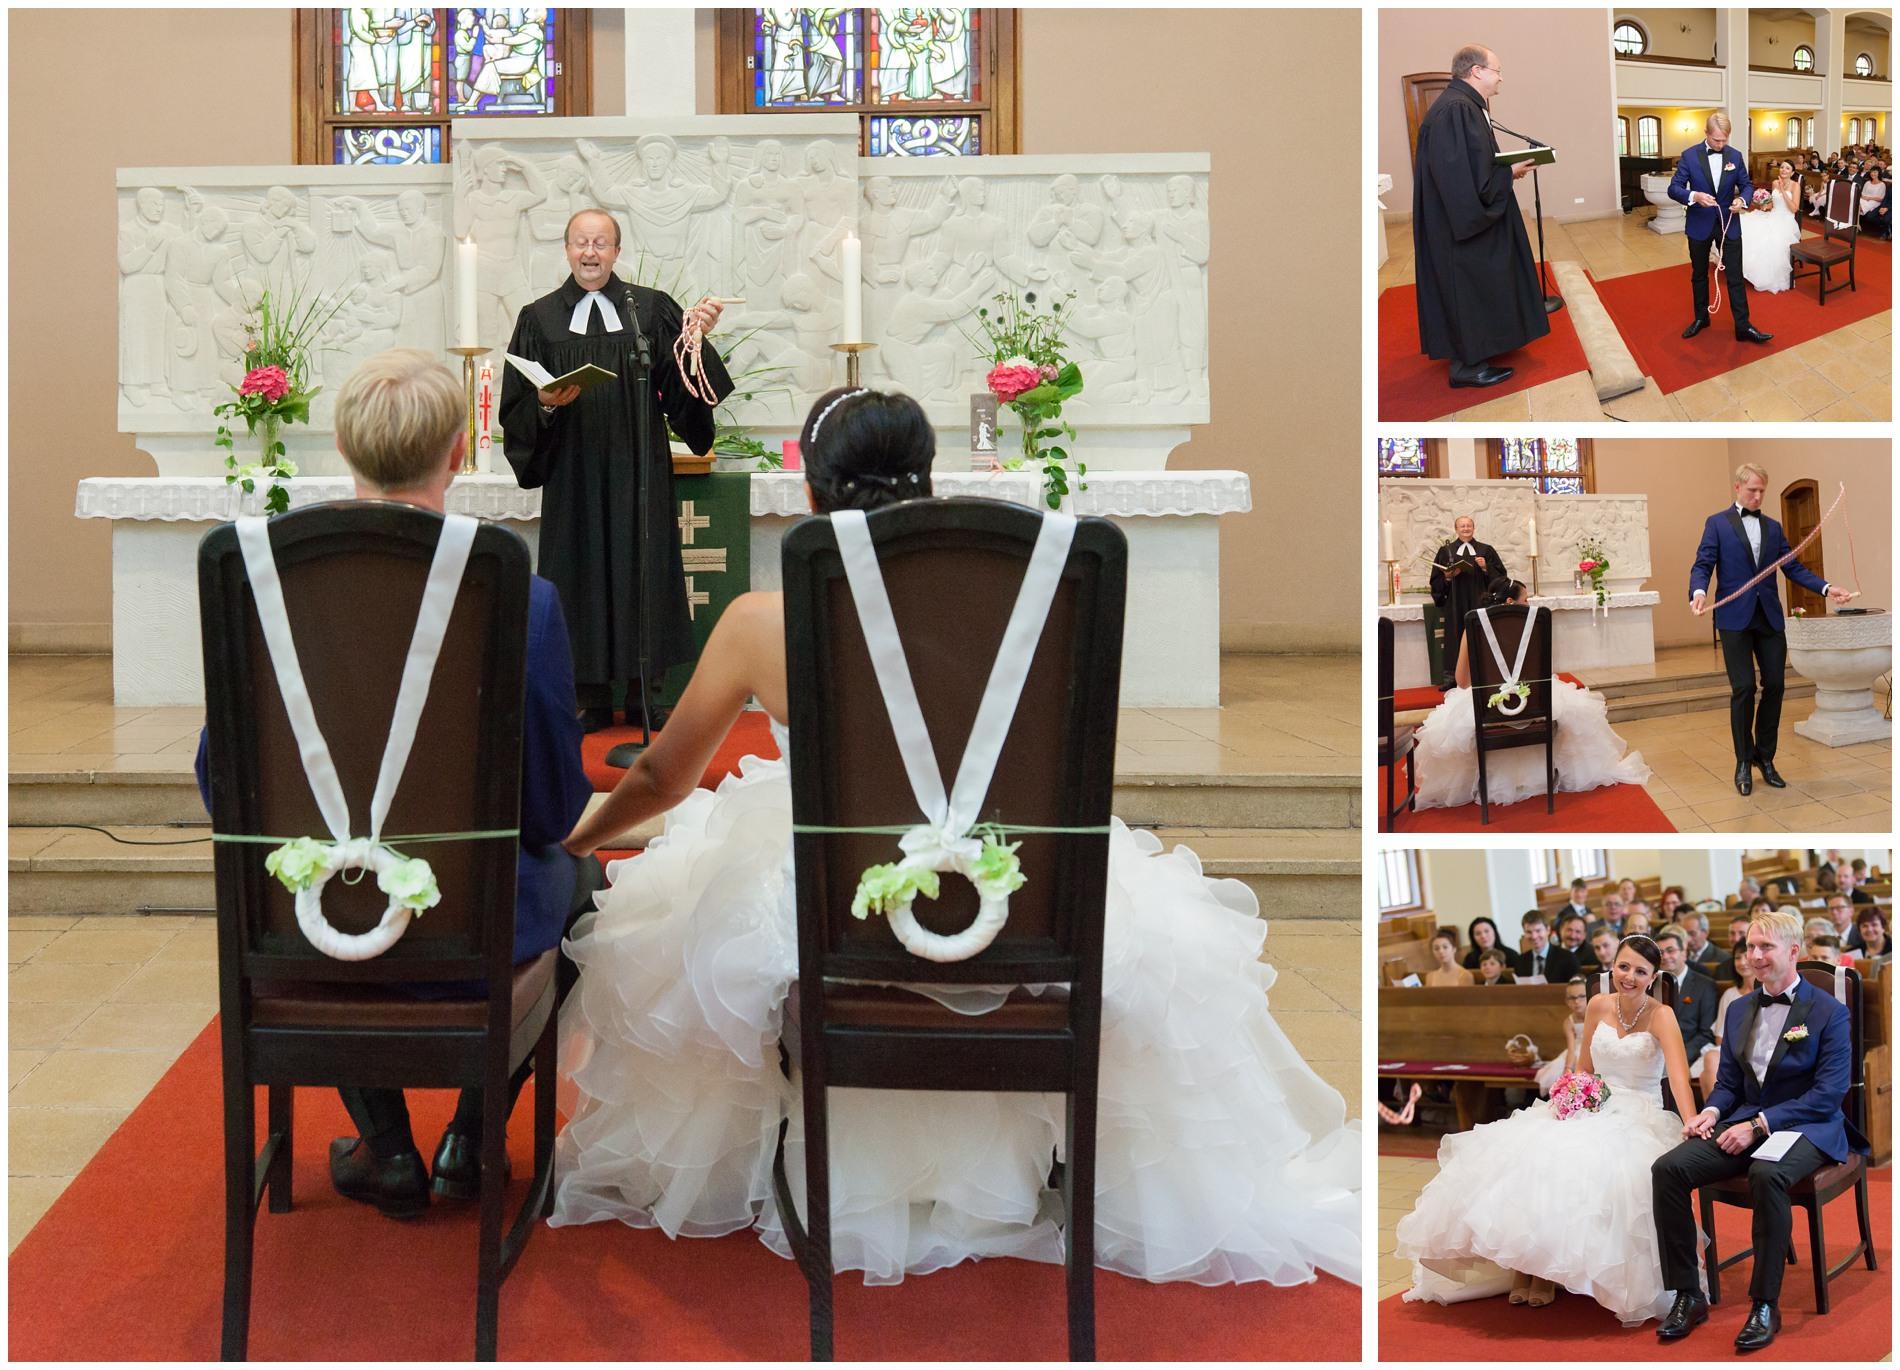 Hochzeitsbilder Zwickau - Hochzeitsfotograf Stephanie Scharschmidt